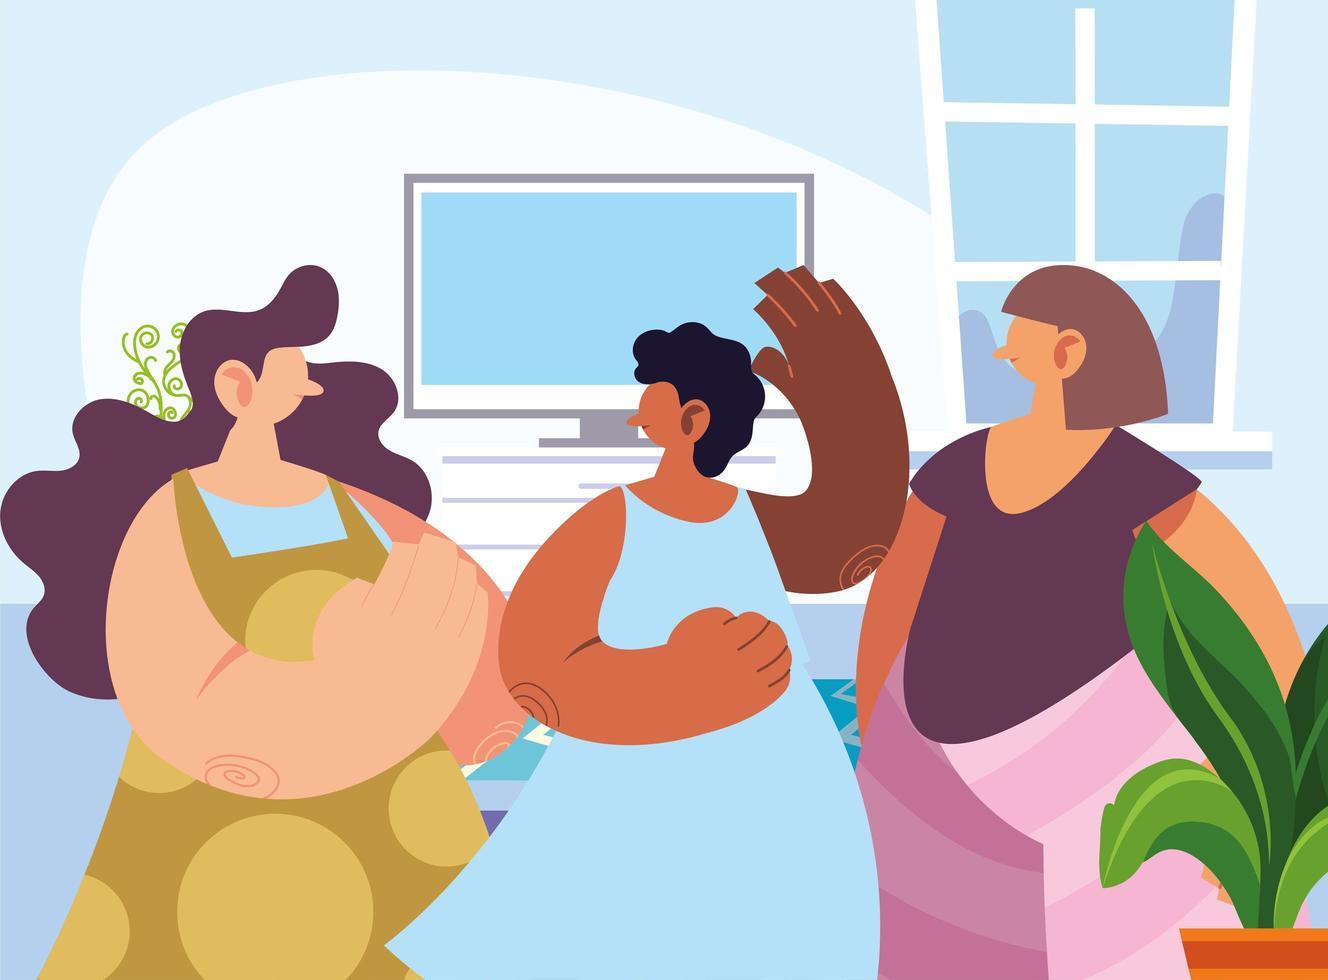 femmes réunies partageant à la maison vecteur